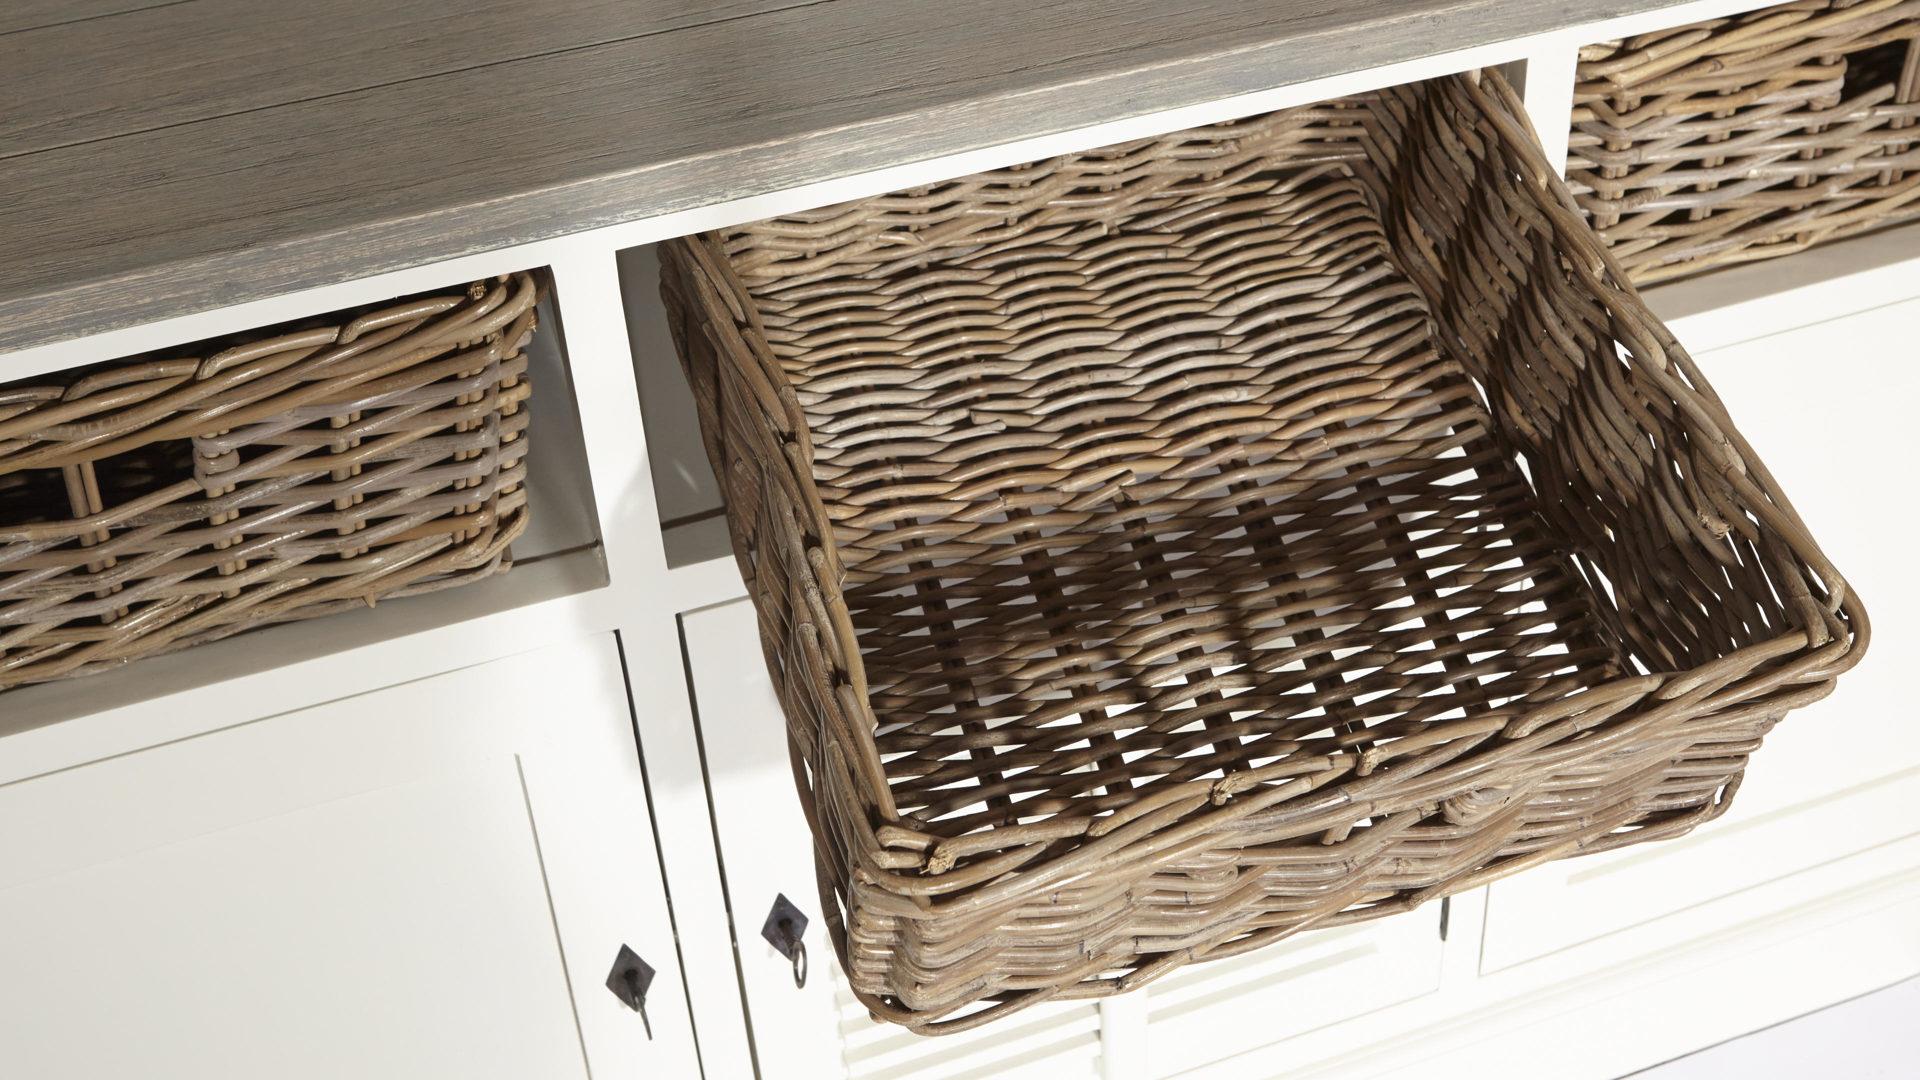 möbel frauendorfer amberg | räume | badezimmer | sideboard, eine, Badezimmer ideen